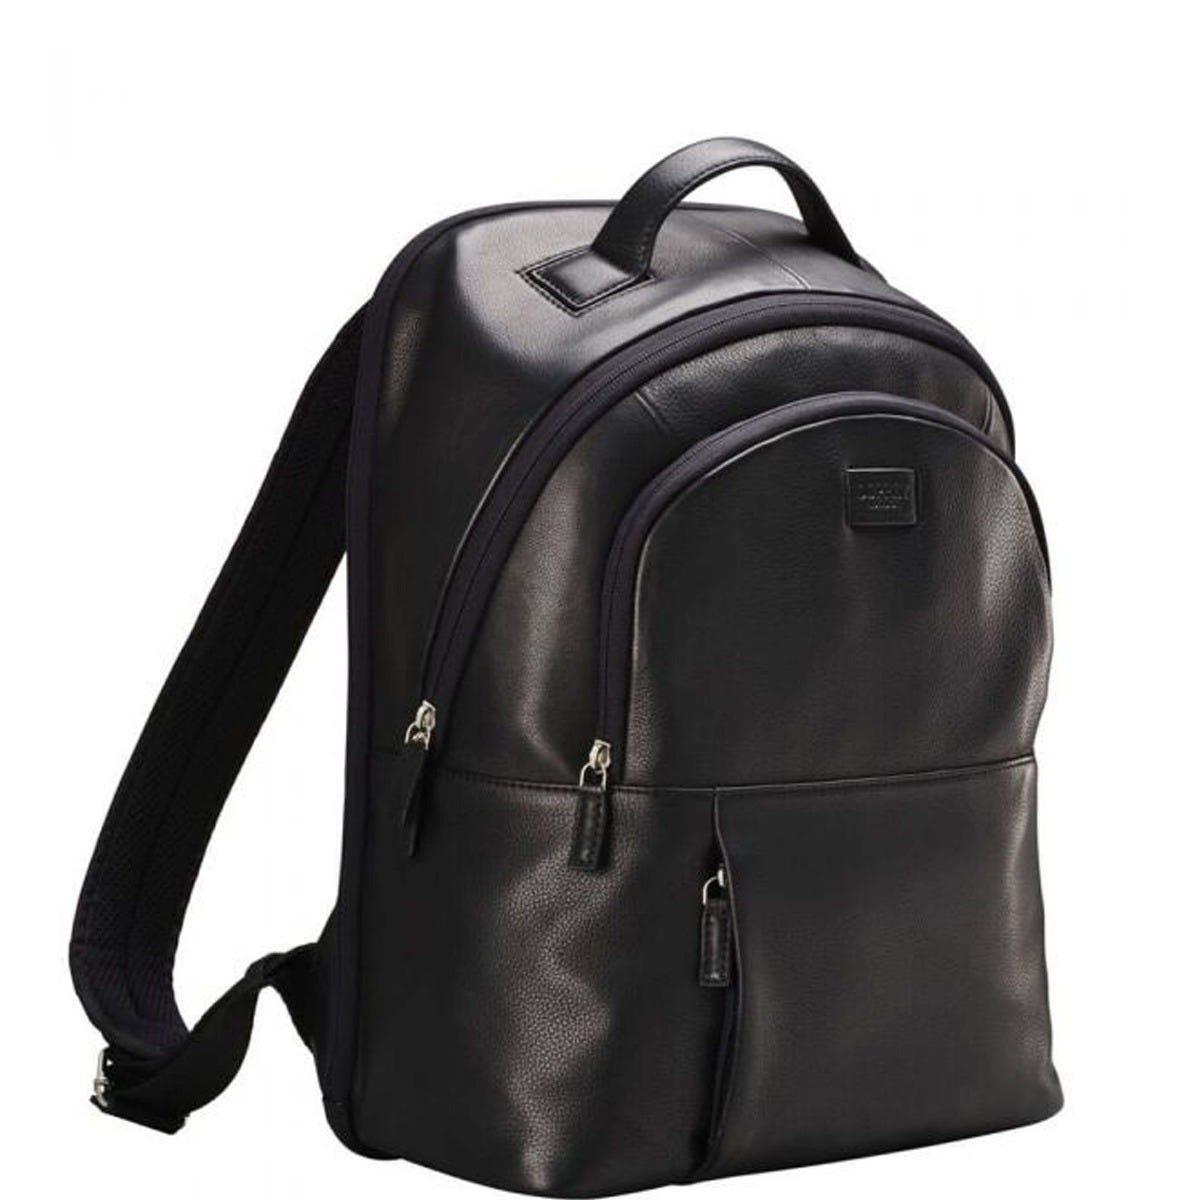 450699729a8c Small Leather Backpack Handbag Uk- Fenix Toulouse Handball